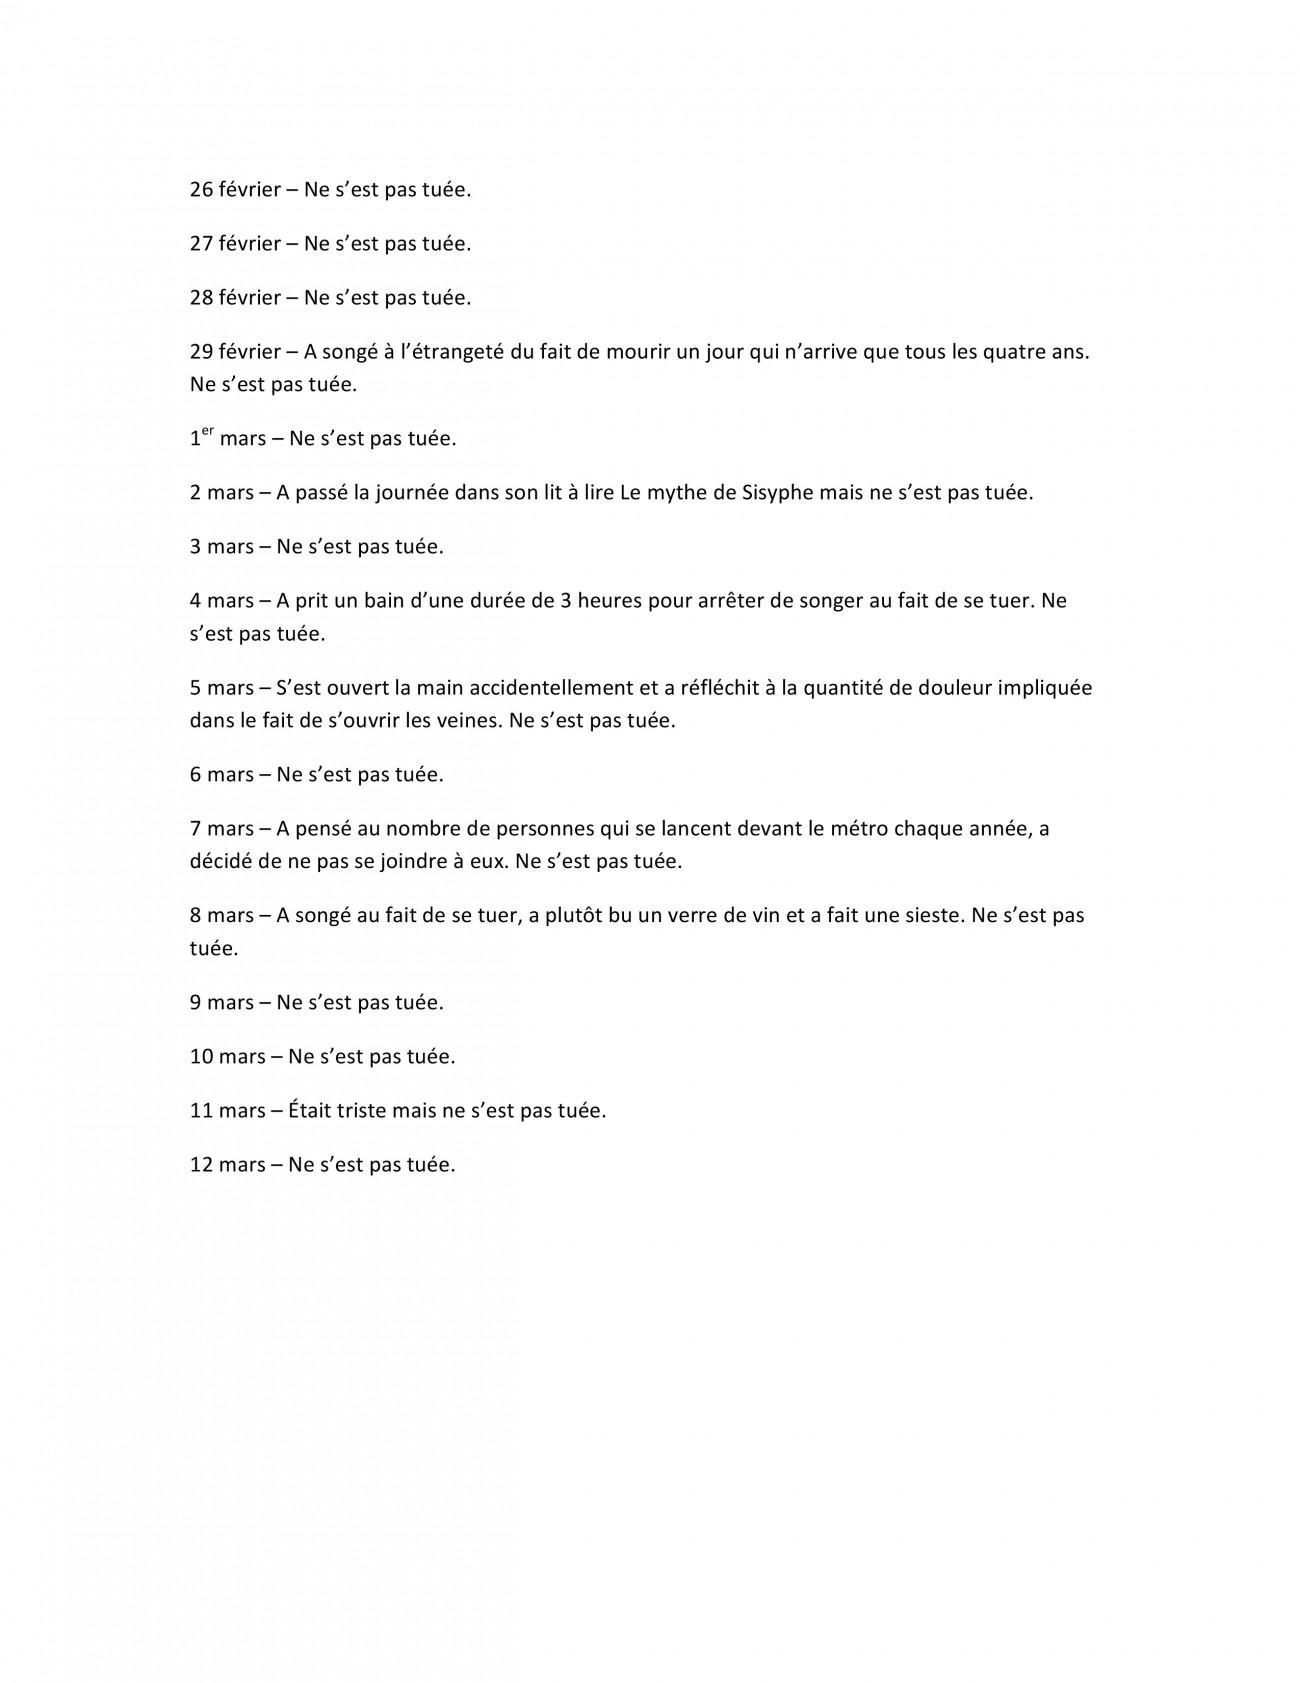 Steve Giasson. Performance invisible n° 39 (Ne pas se tuer tous les jours (du moment que tous les jours on peut se tuer).) Performeuse : Alegria Gobeil. Texte : Alegria Gobeil. 26 février 2016 au 12 mars 2016.